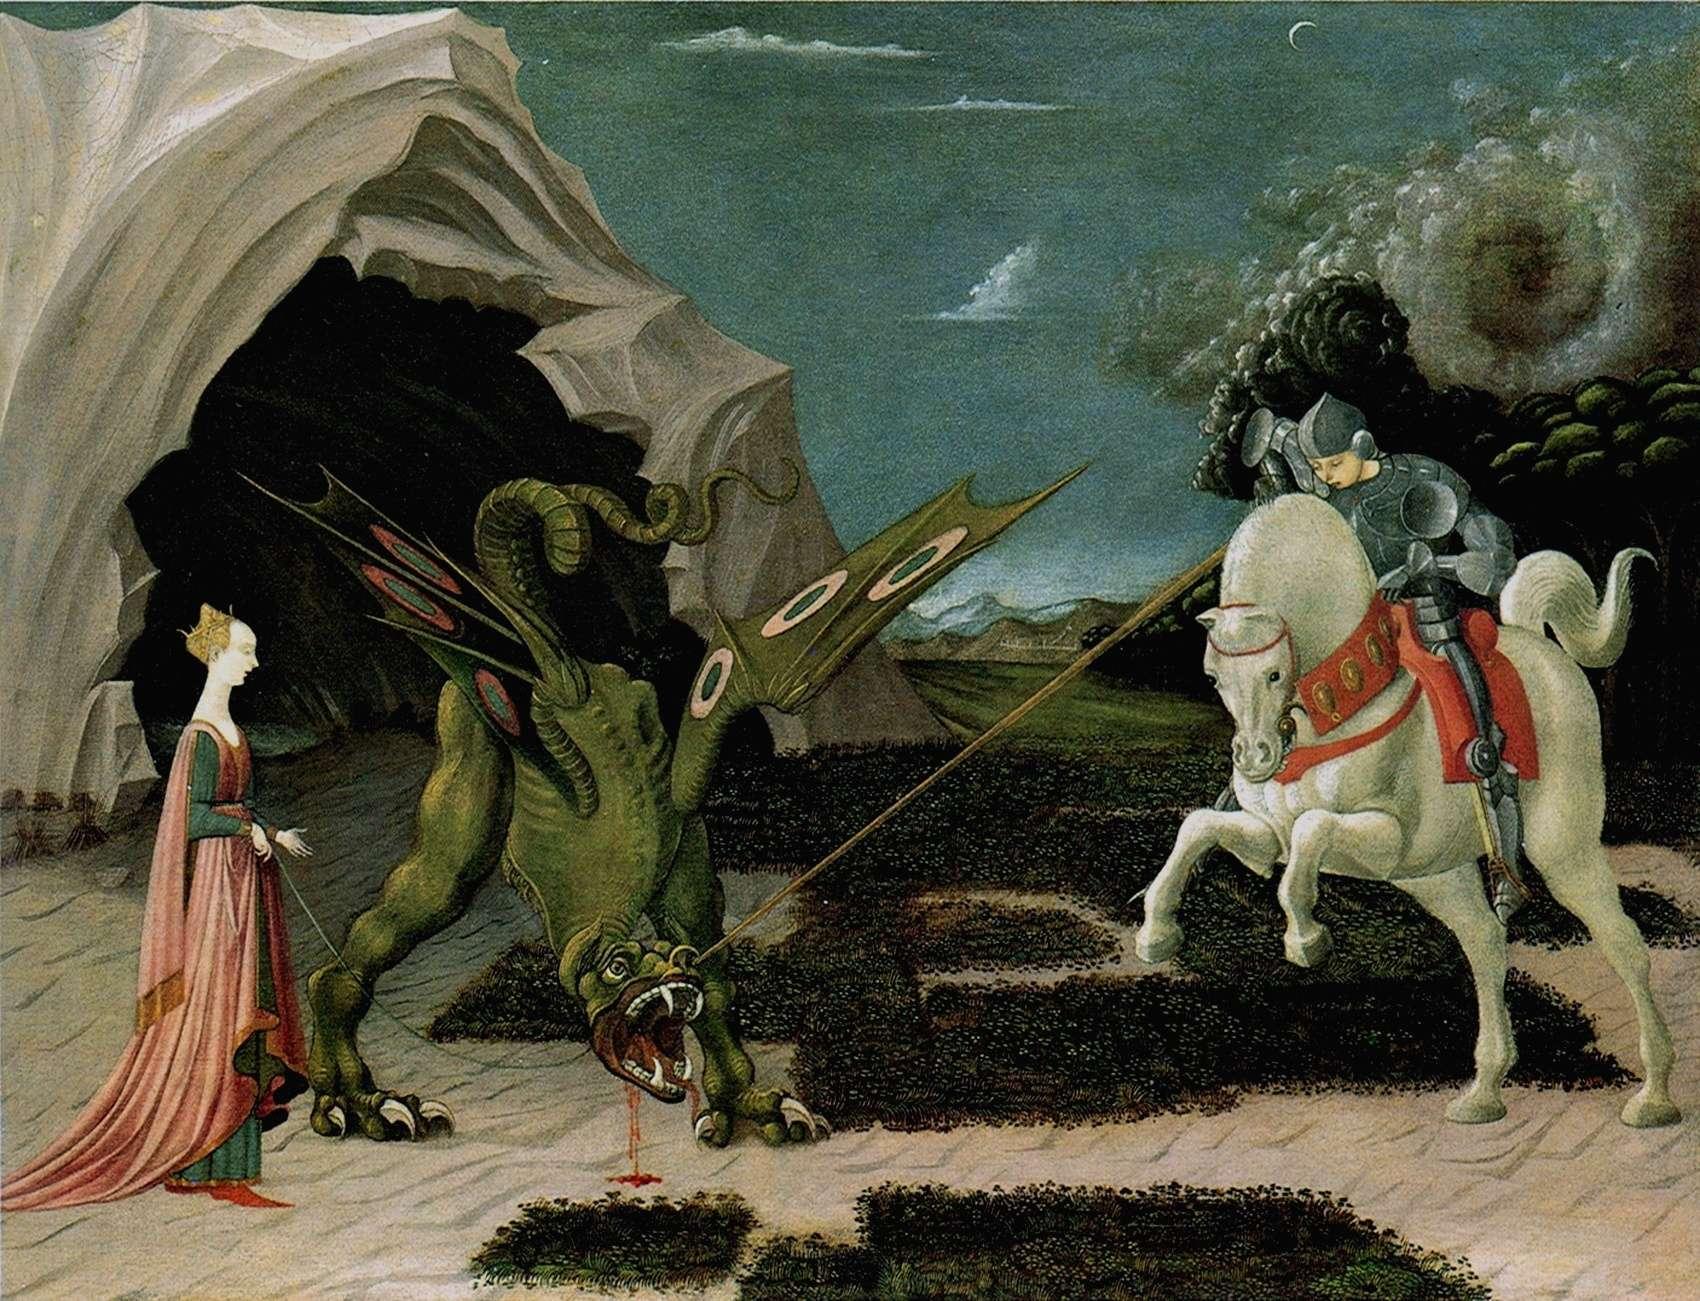 Πάολο Ουτσέλλο (Paolo Uccello, 15 Ιουνίου 1397 - 10 Δεκεμβρίου 1475). Ο Άγιος Γεώργιος σκοτώνει τον Δράκοντα, Εθνική Πινακοθήκη Λονδίνου.